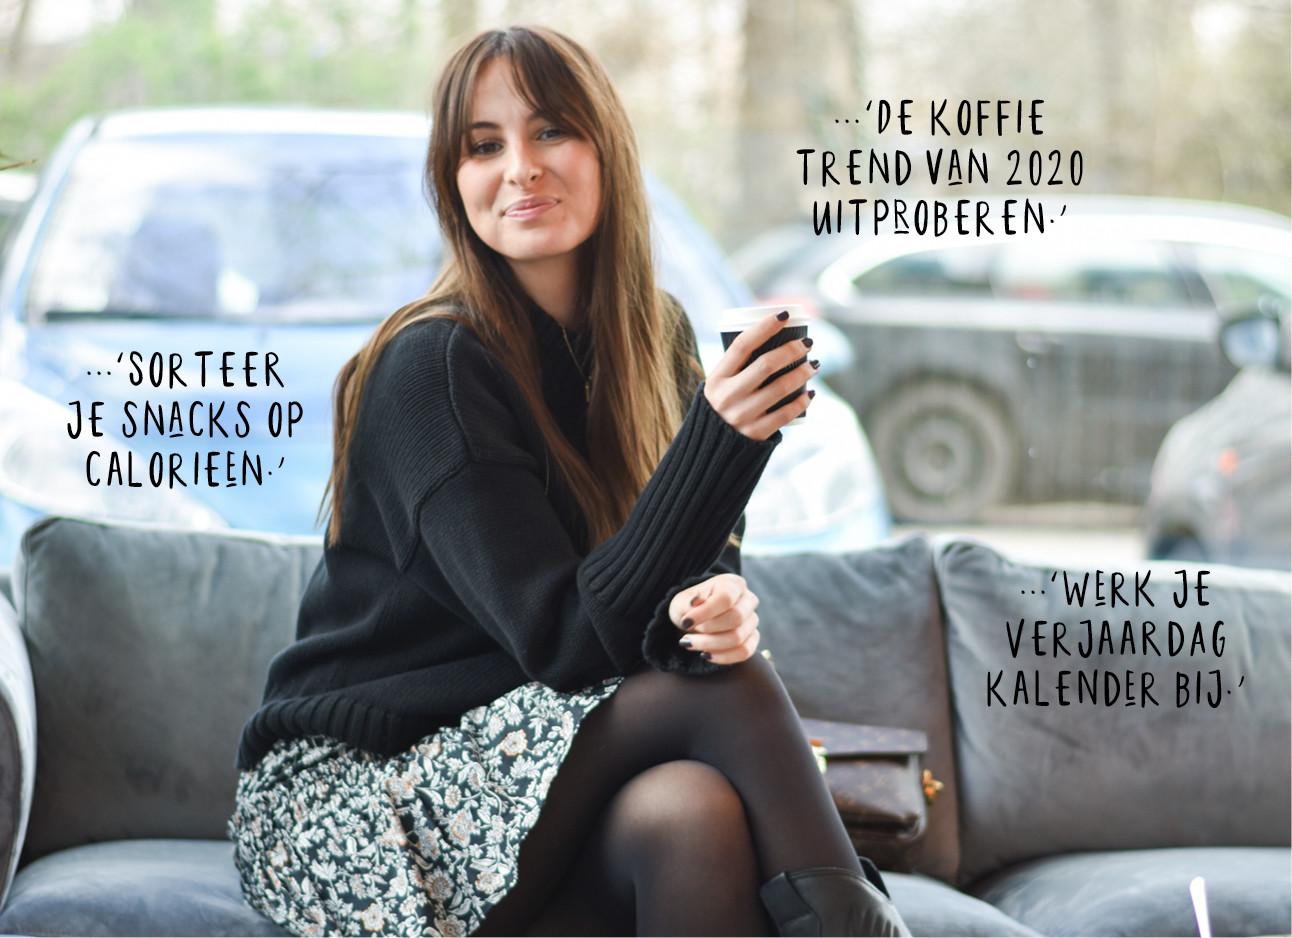 Lilian binnen zittend op een bank met koffie in haar hand